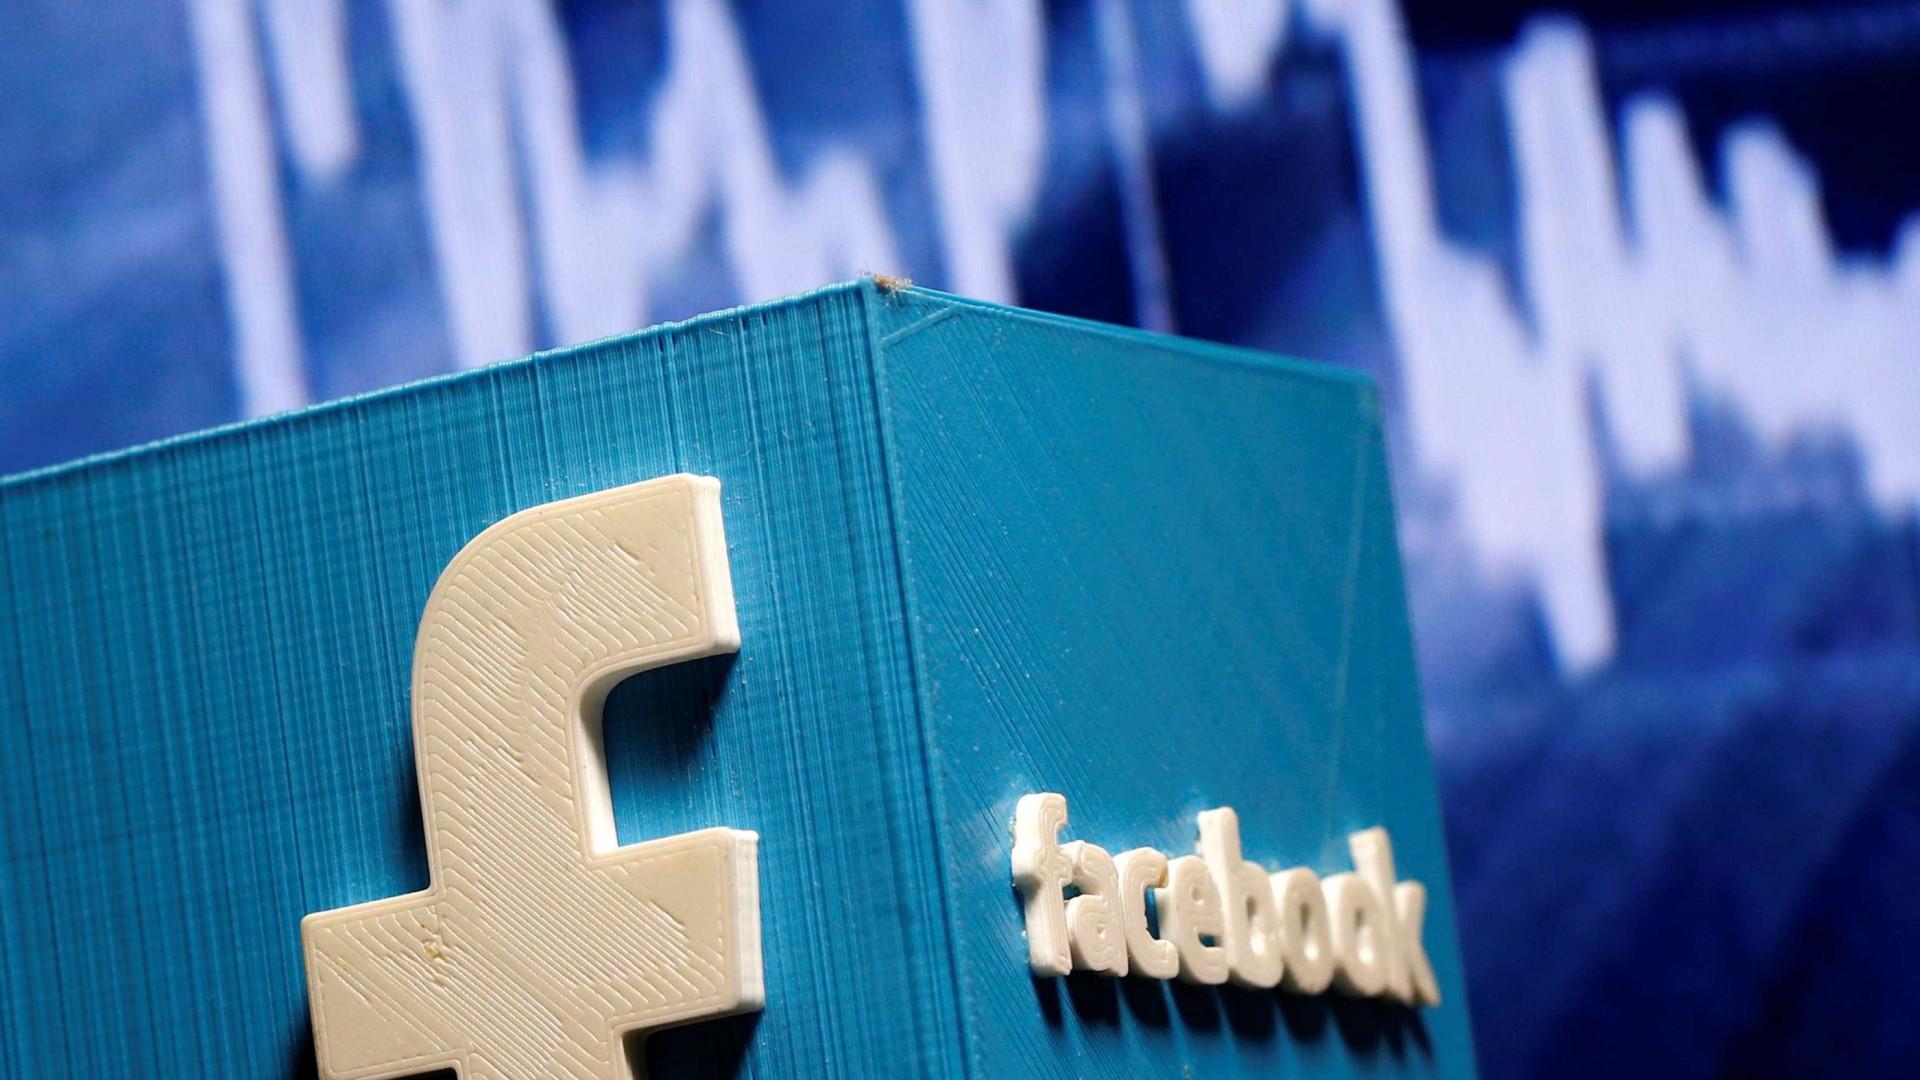 Homem condenado em Barcelona por insultos islamofóbicos no Facebook